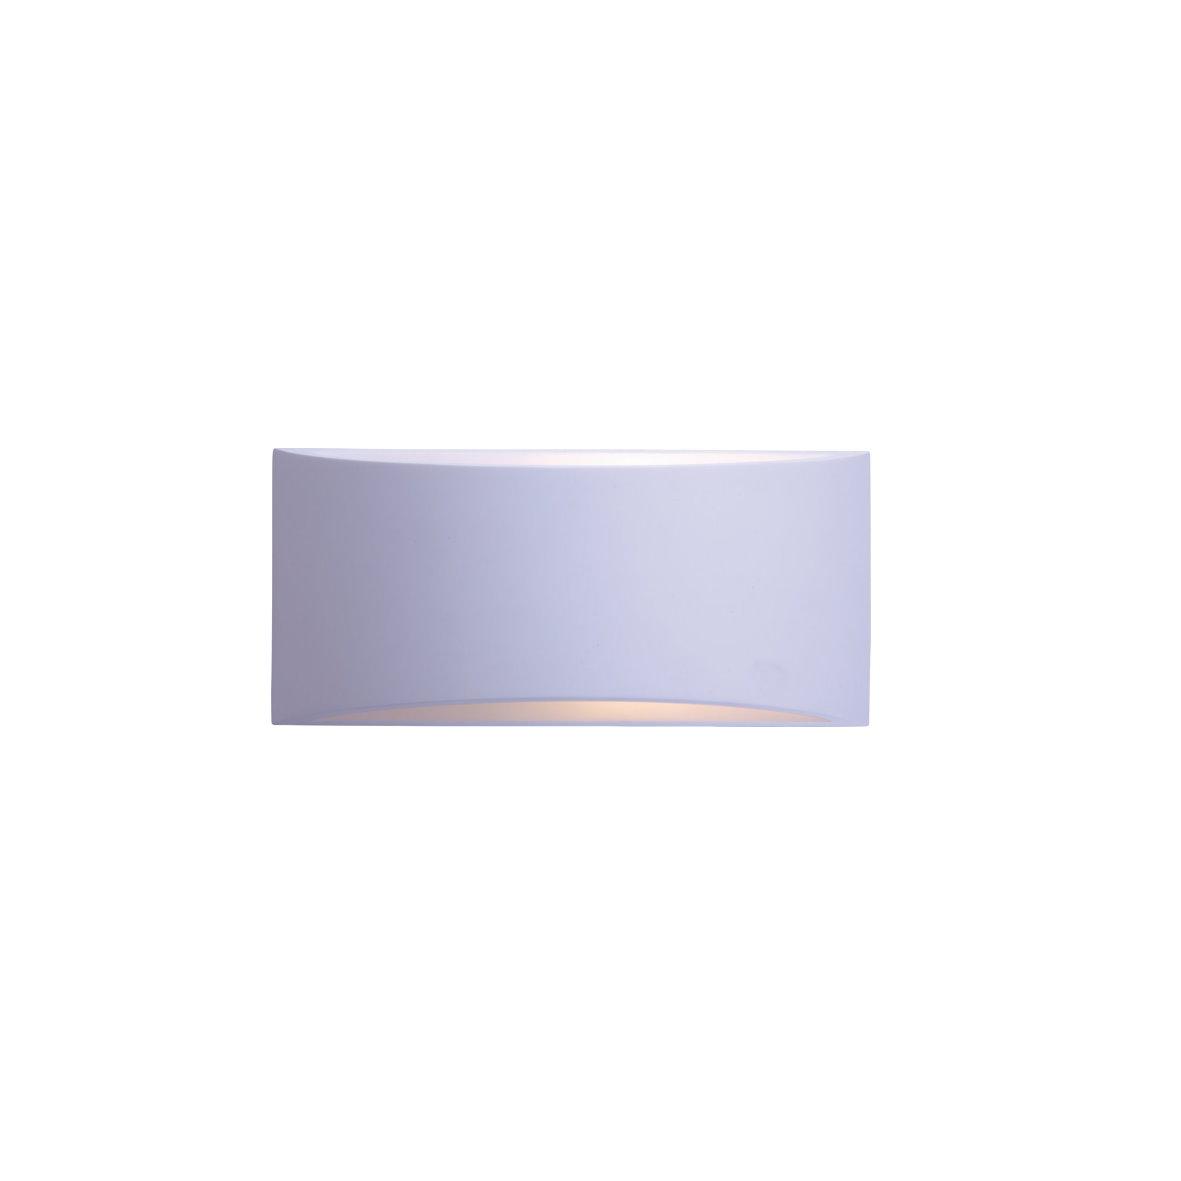 Wandleuchte Wohnraum Wohnzimmer Wand Strahler Wandstrahler Leuchte Glas Alu Gips  eBay